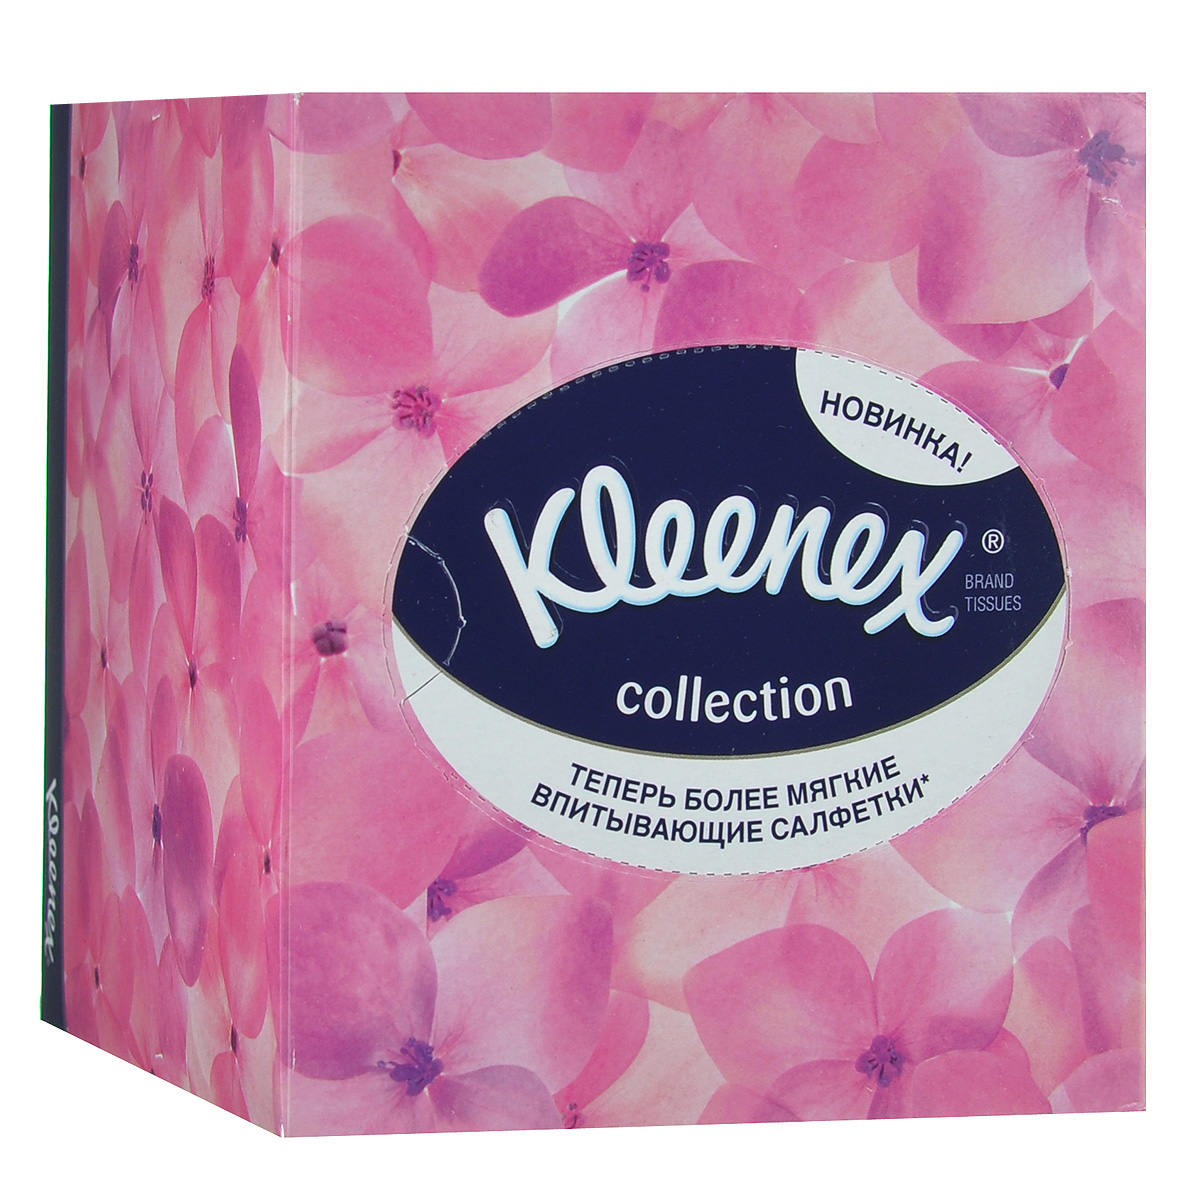 Салфетки универсальные Kleenex Collection, двухслойные, 21,6 х 21,6 см, 100 шт (упаковка розовые цветы)MW-3101Двухслойные, мягкие, гигиенические салфетки Kleenex Collection изготовлены из высококачественного, экологически чистого сырья - 100% первичной целлюлозы. Салфетки обладают большой впитывающей способностью. Не вызывают аллергию, не раздражают чувствительную кожу. Благодаря уникальной мягкости, салфетки заботятся о вашей коже во время простуды. Просты и удобны в использовании. Применяются дома и в офисе, на работе и отдыхе. Для хранения салфеток предусмотрена специальная коробочка. Выберите себе настроение! Как всегда разные: яркие и спокойные, задорные и утонченные коробочки с салфетками Kleenex Collection найдут свое место в любом уголке вашей квартиры и добавят в ваш дом теплоты и уюта даже в самый хмурый день. Товар сертифицирован. Размер салфетки: 21,6 см х 21,6 см. Комплектация: 100 шт.